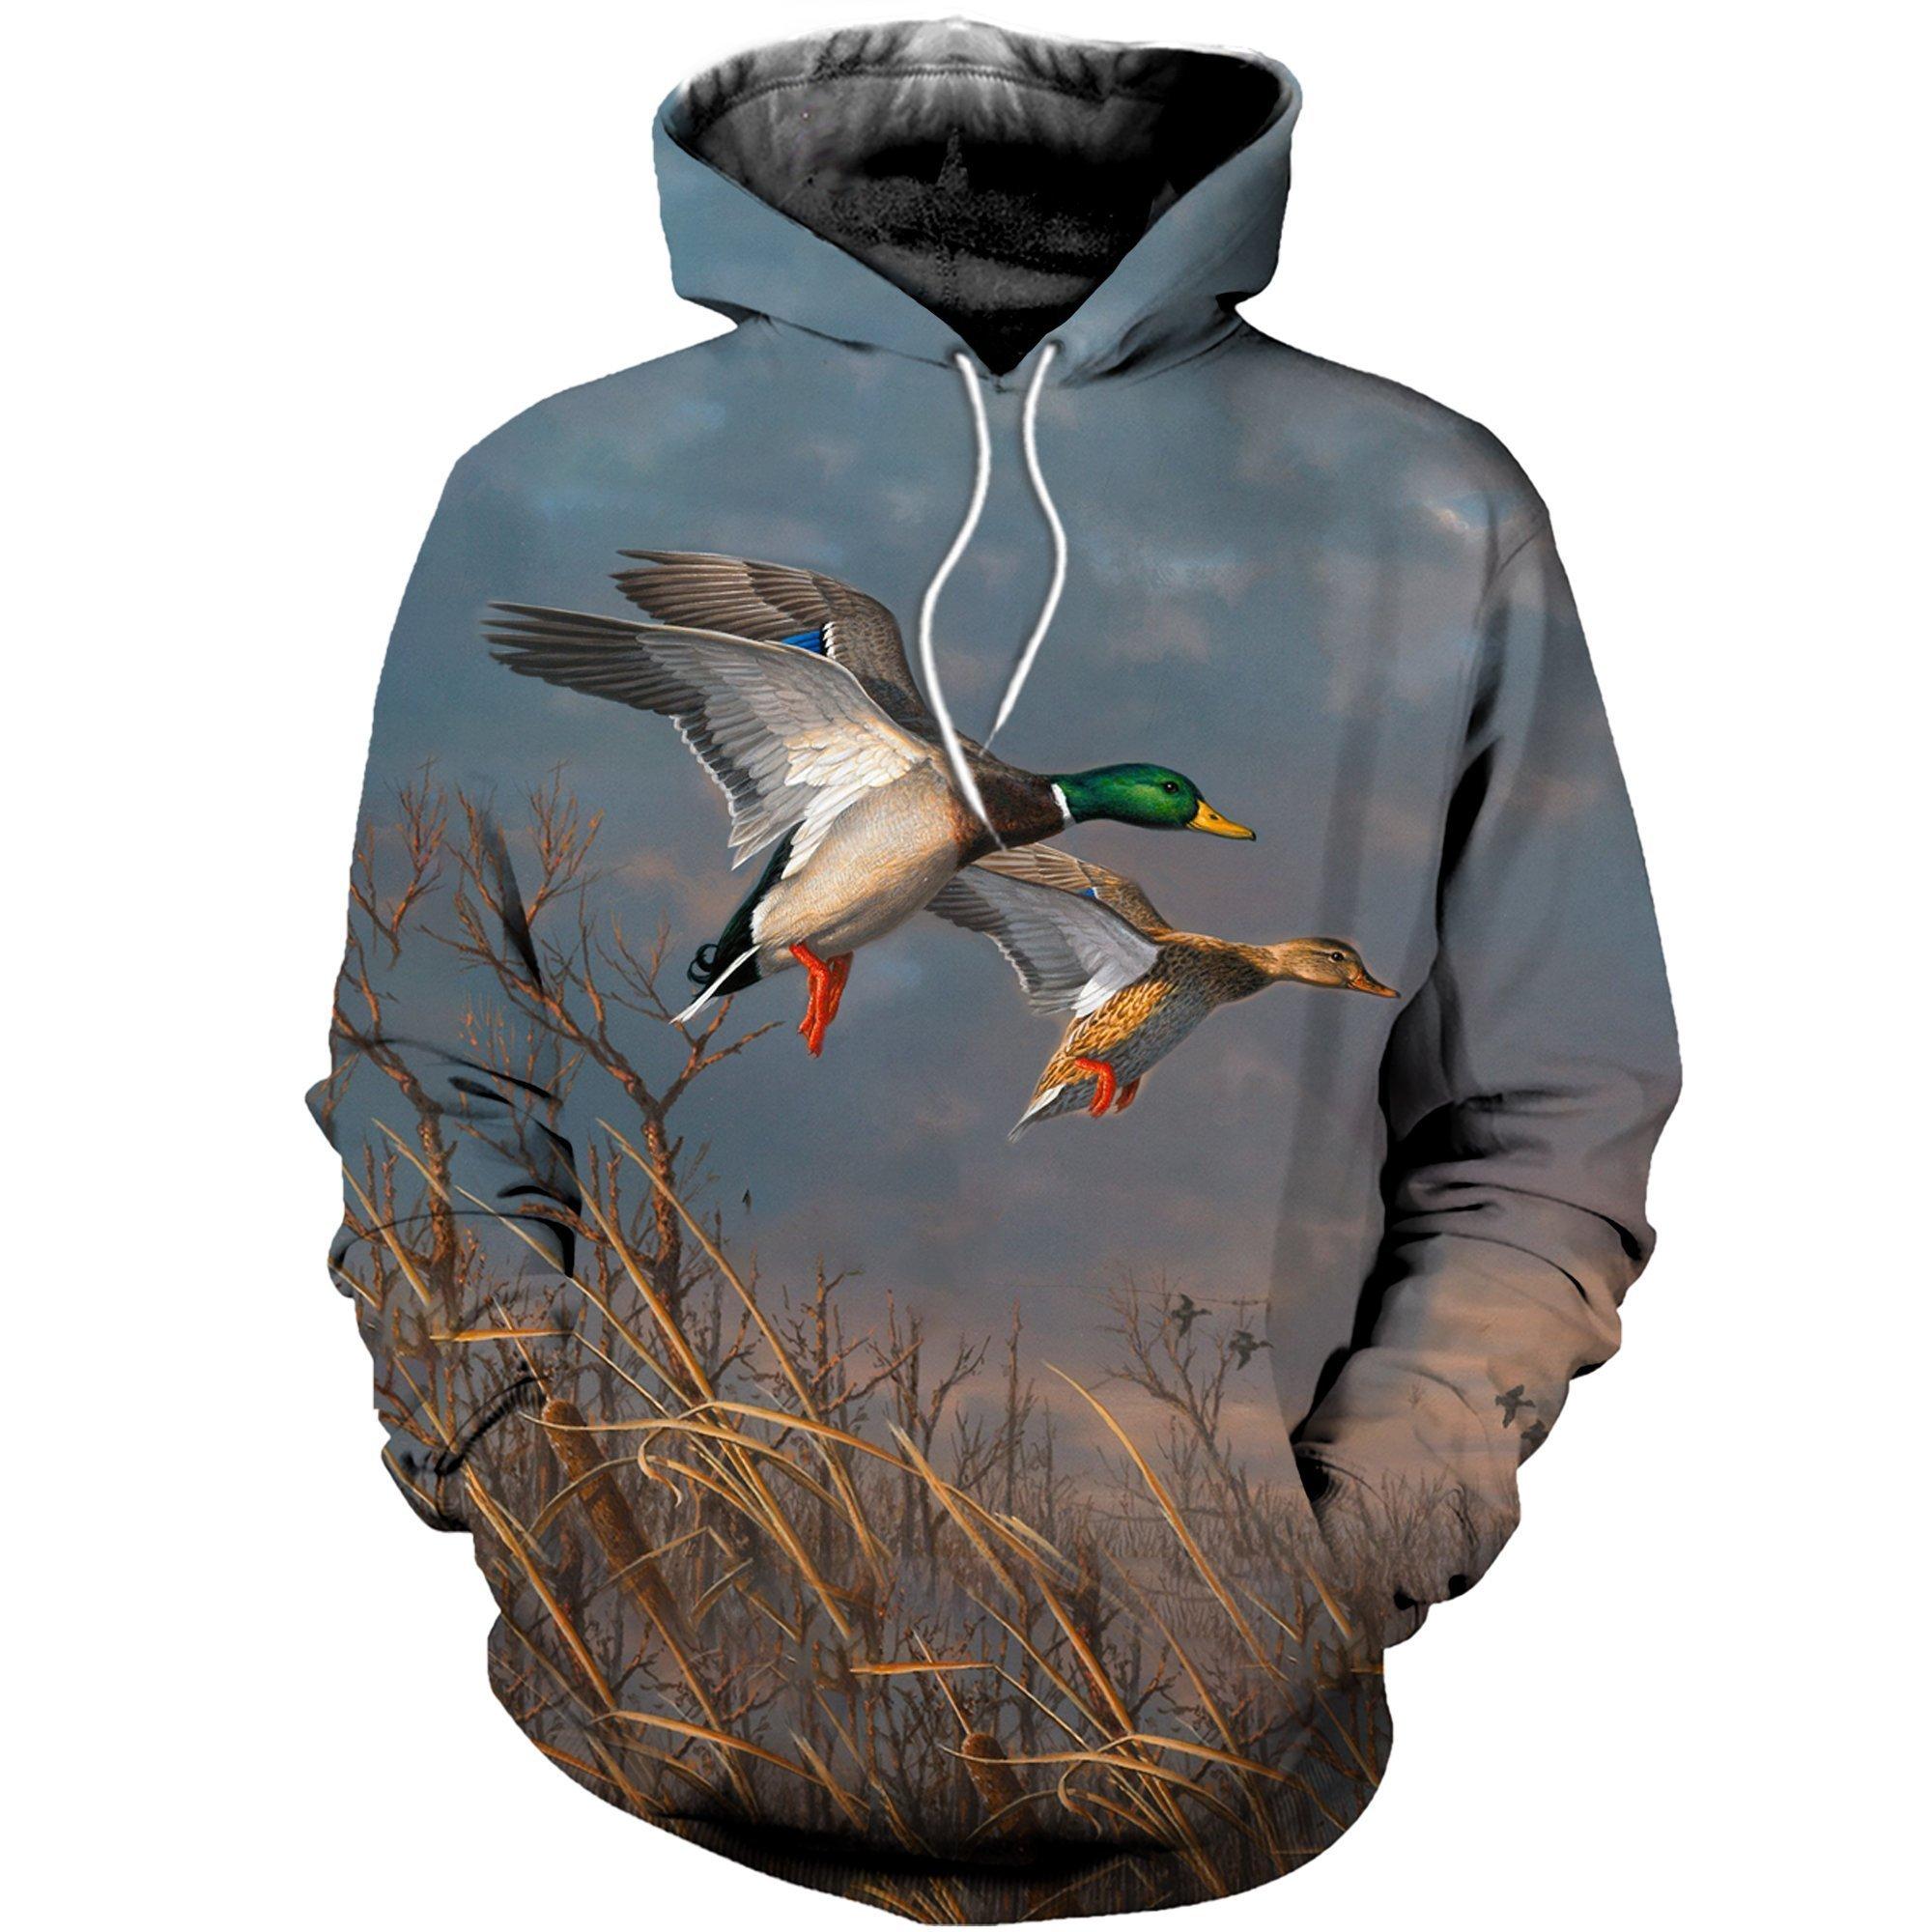 Drop Shipping 3D Printed Animal Ducks Hoodies Fashion Men Sweatshirt / Zip Hoodie Unisex Casual Hoody Pullovers Streetwear